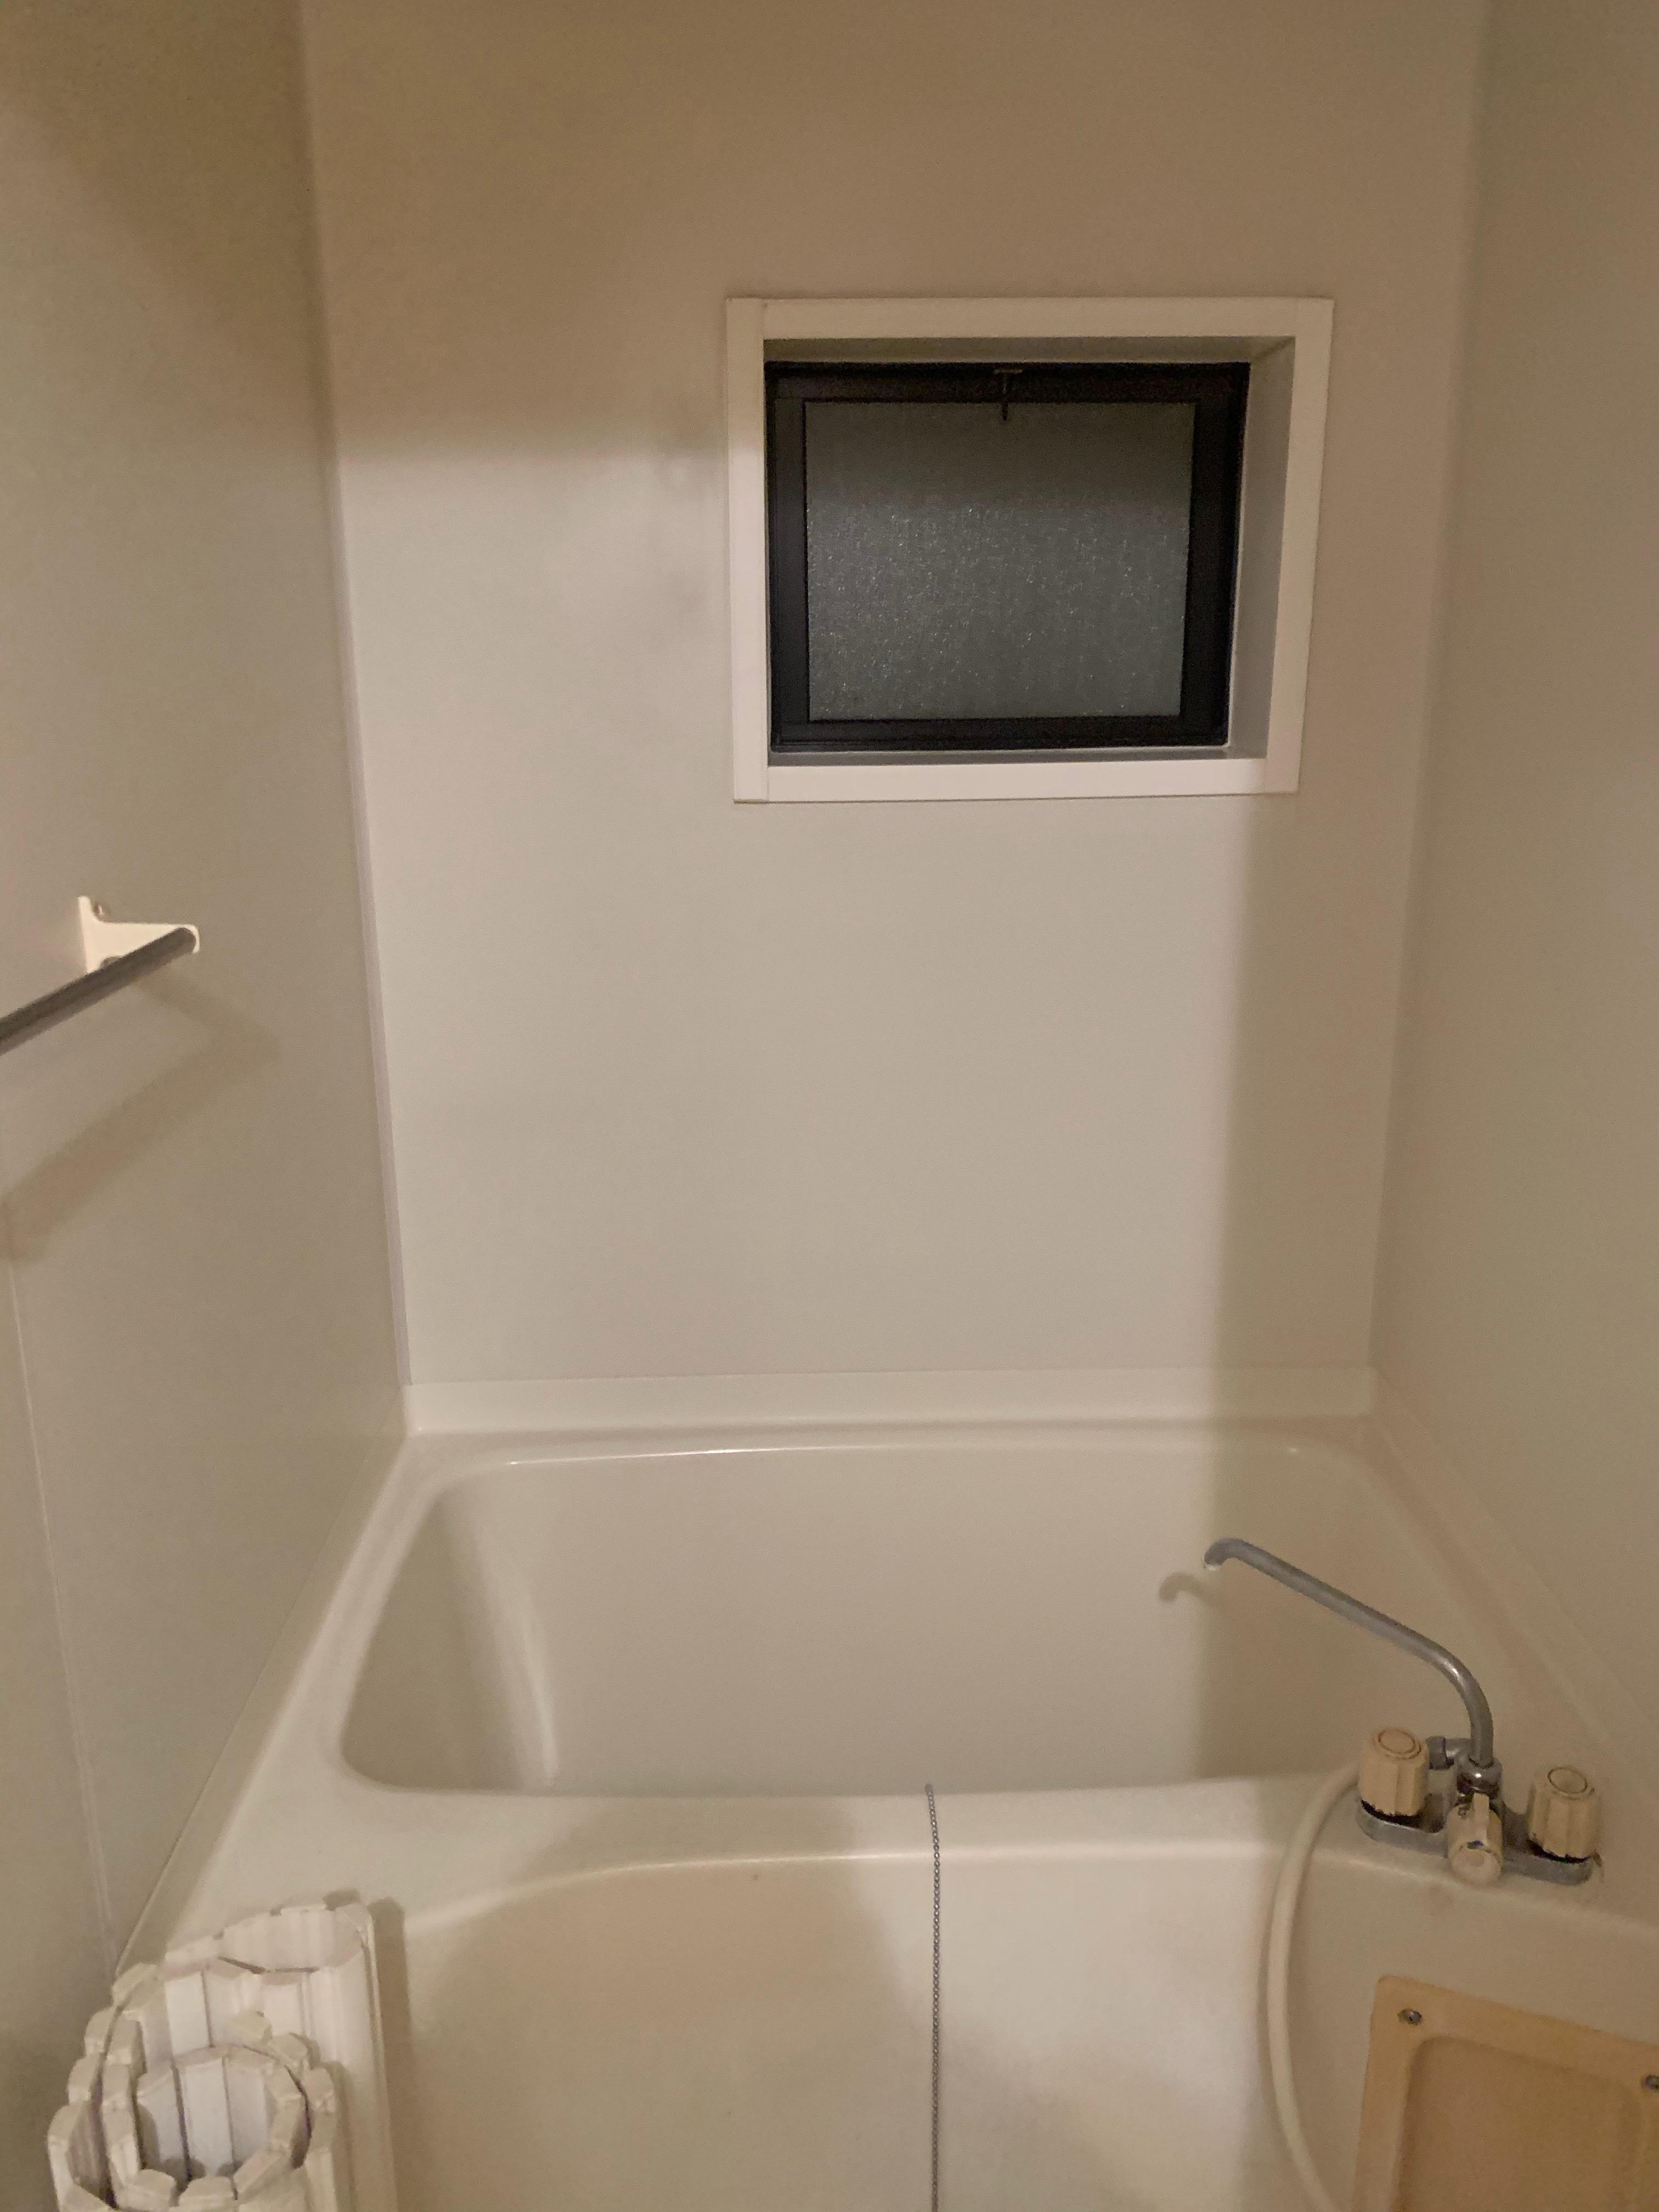 浴室工事(ユニットバスリフォーム) 現地調査のご依頼